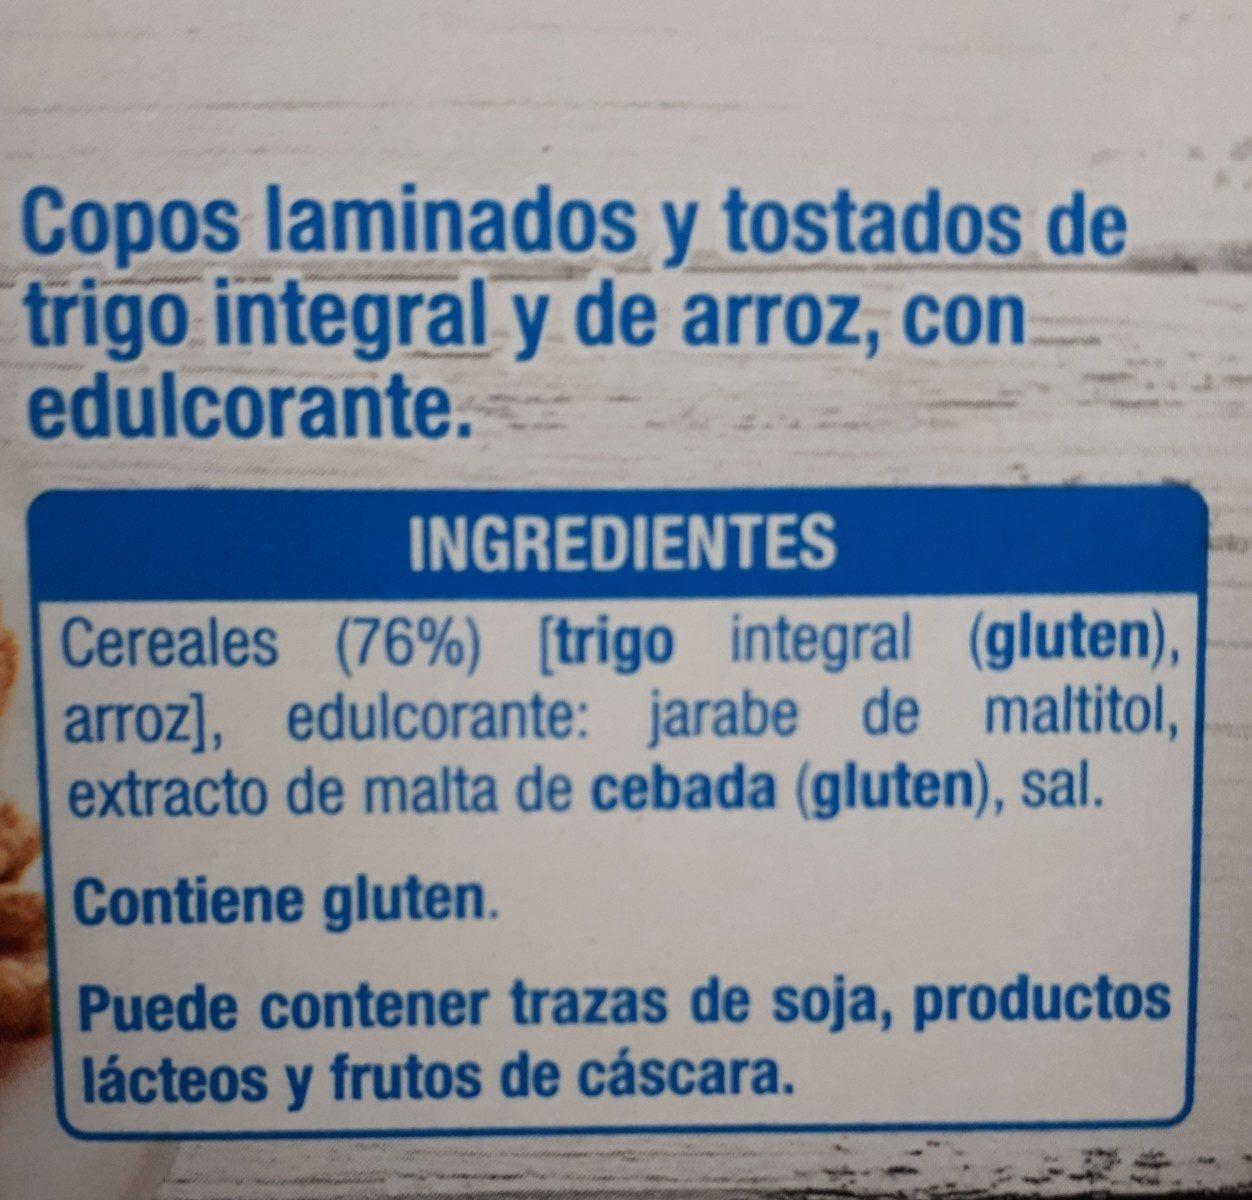 Copos de trigo integral y arroz 0% - Ingrédients - fr